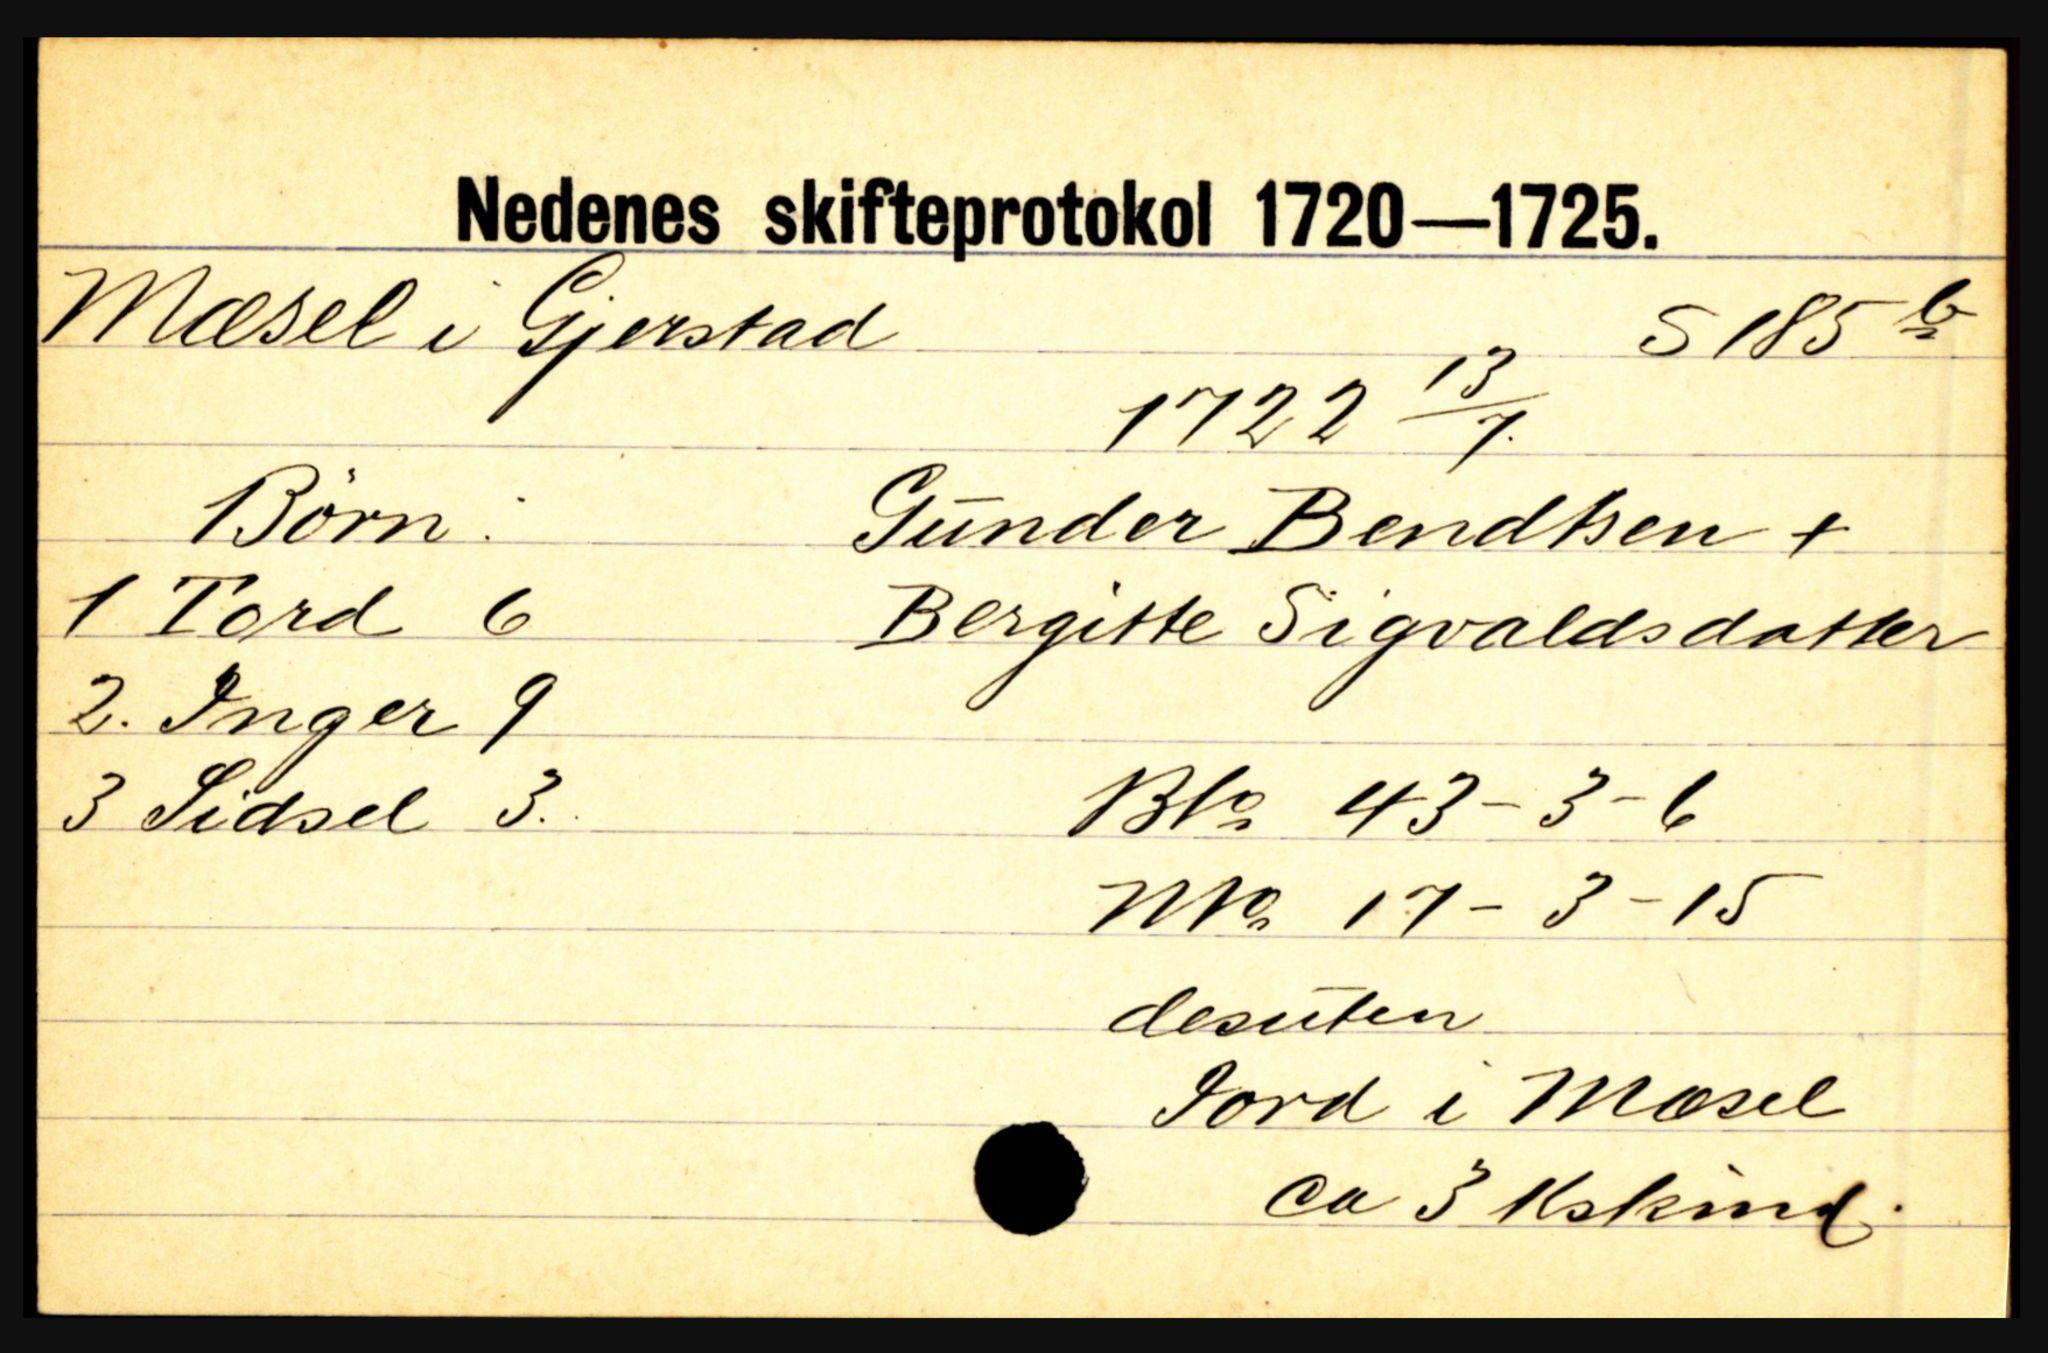 SAK, Nedenes sorenskriveri før 1824, H, s. 20633